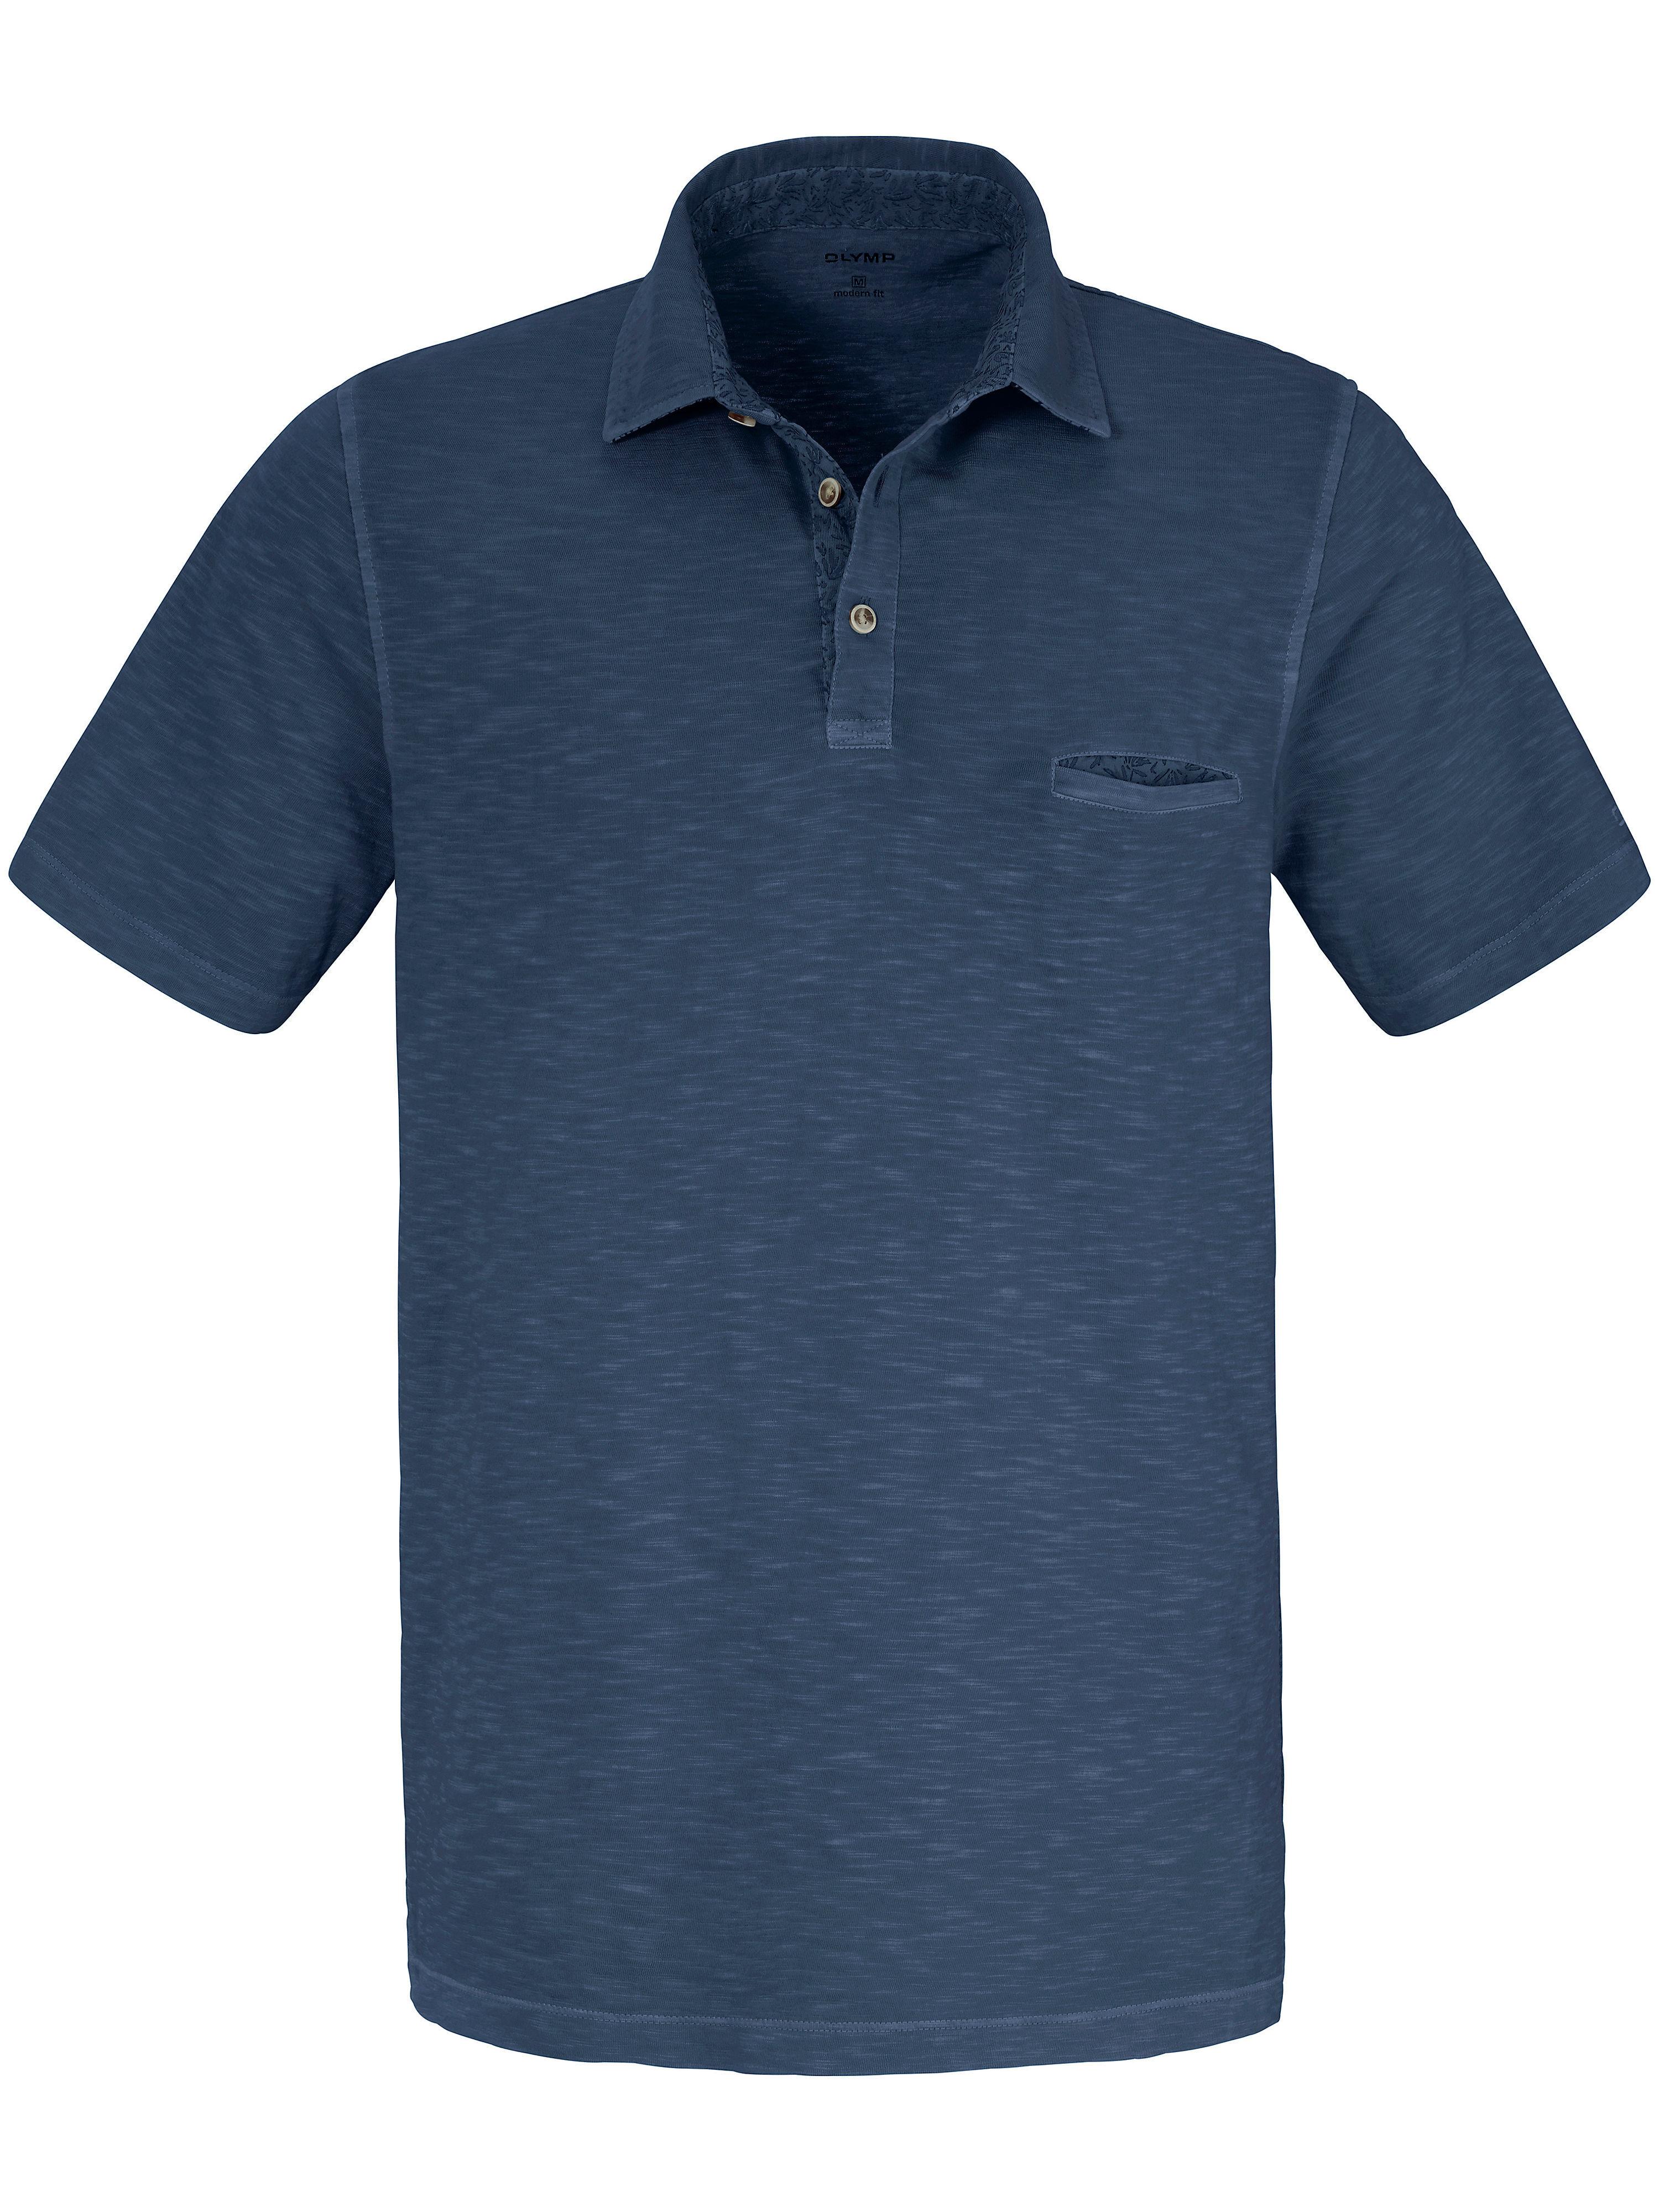 Olymp Polo-Shirt im aktuellen Washer Look Olymp blau